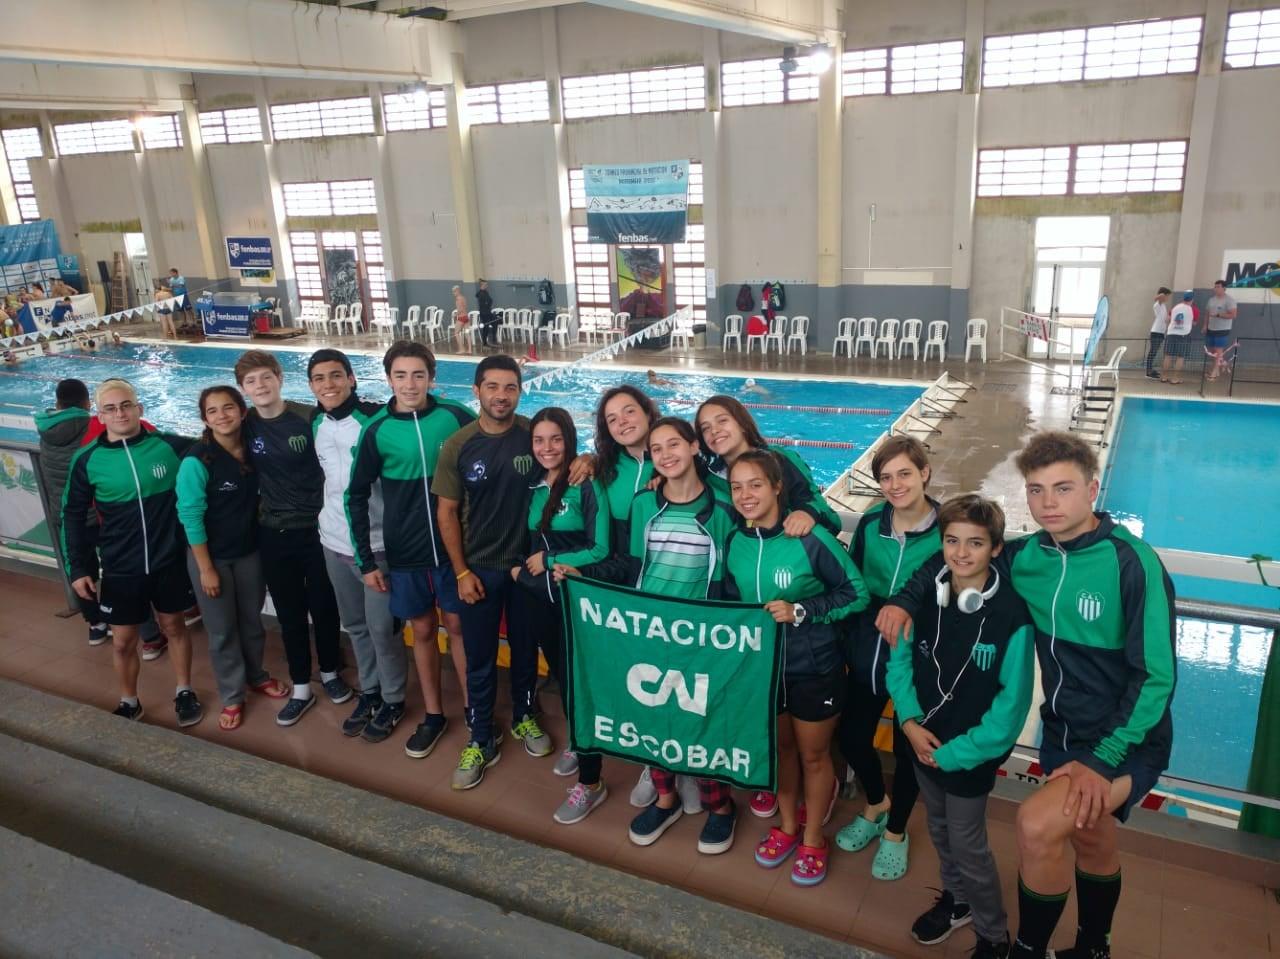 El talento y crecimiento de los nadadores de Independiente sigue intacto y en ascenso